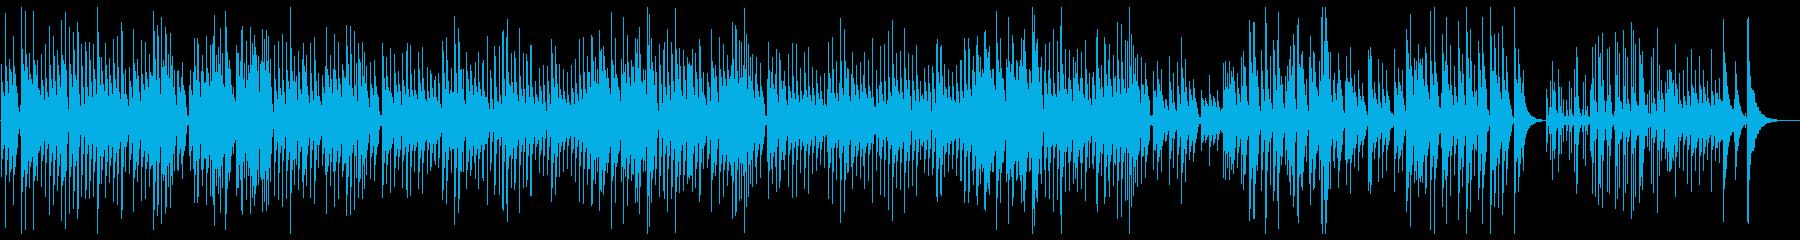 ショパン「ノクターン」ウクレレカバーの再生済みの波形